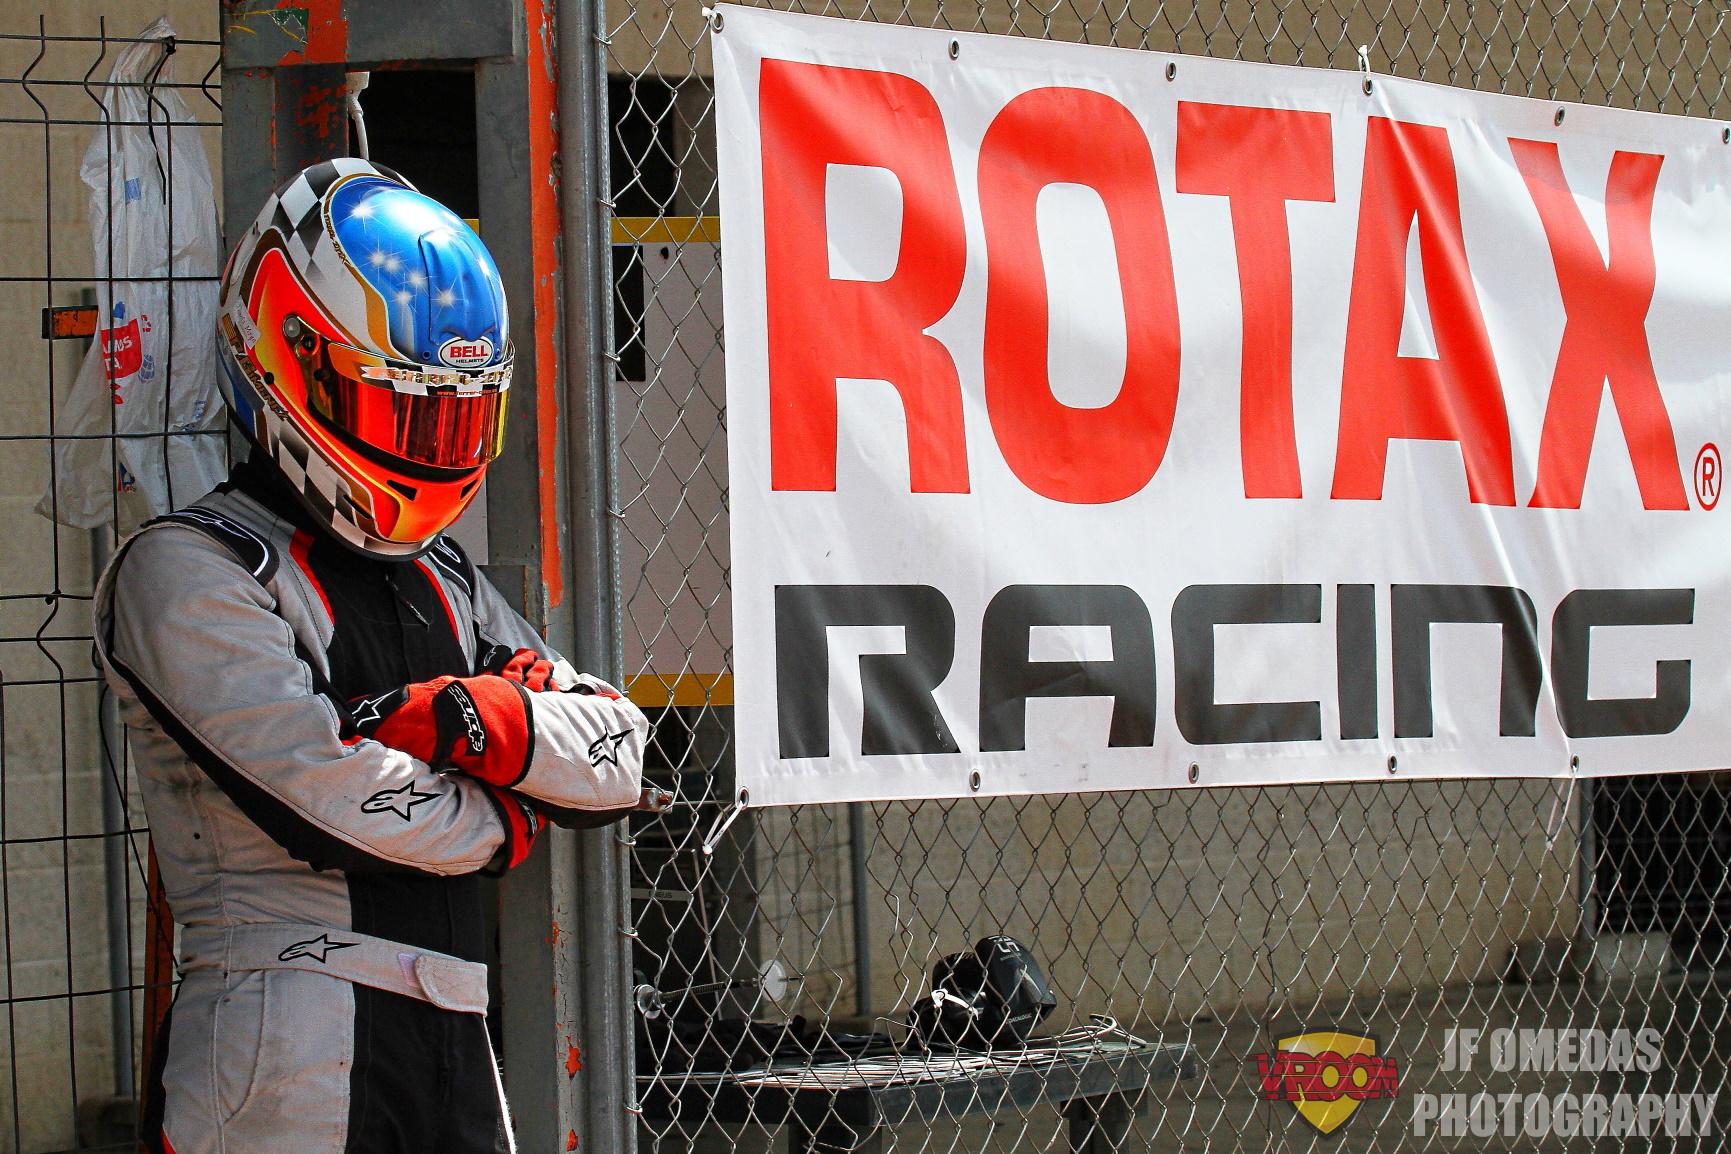 Planificando la temporada: Series Rotax 2020